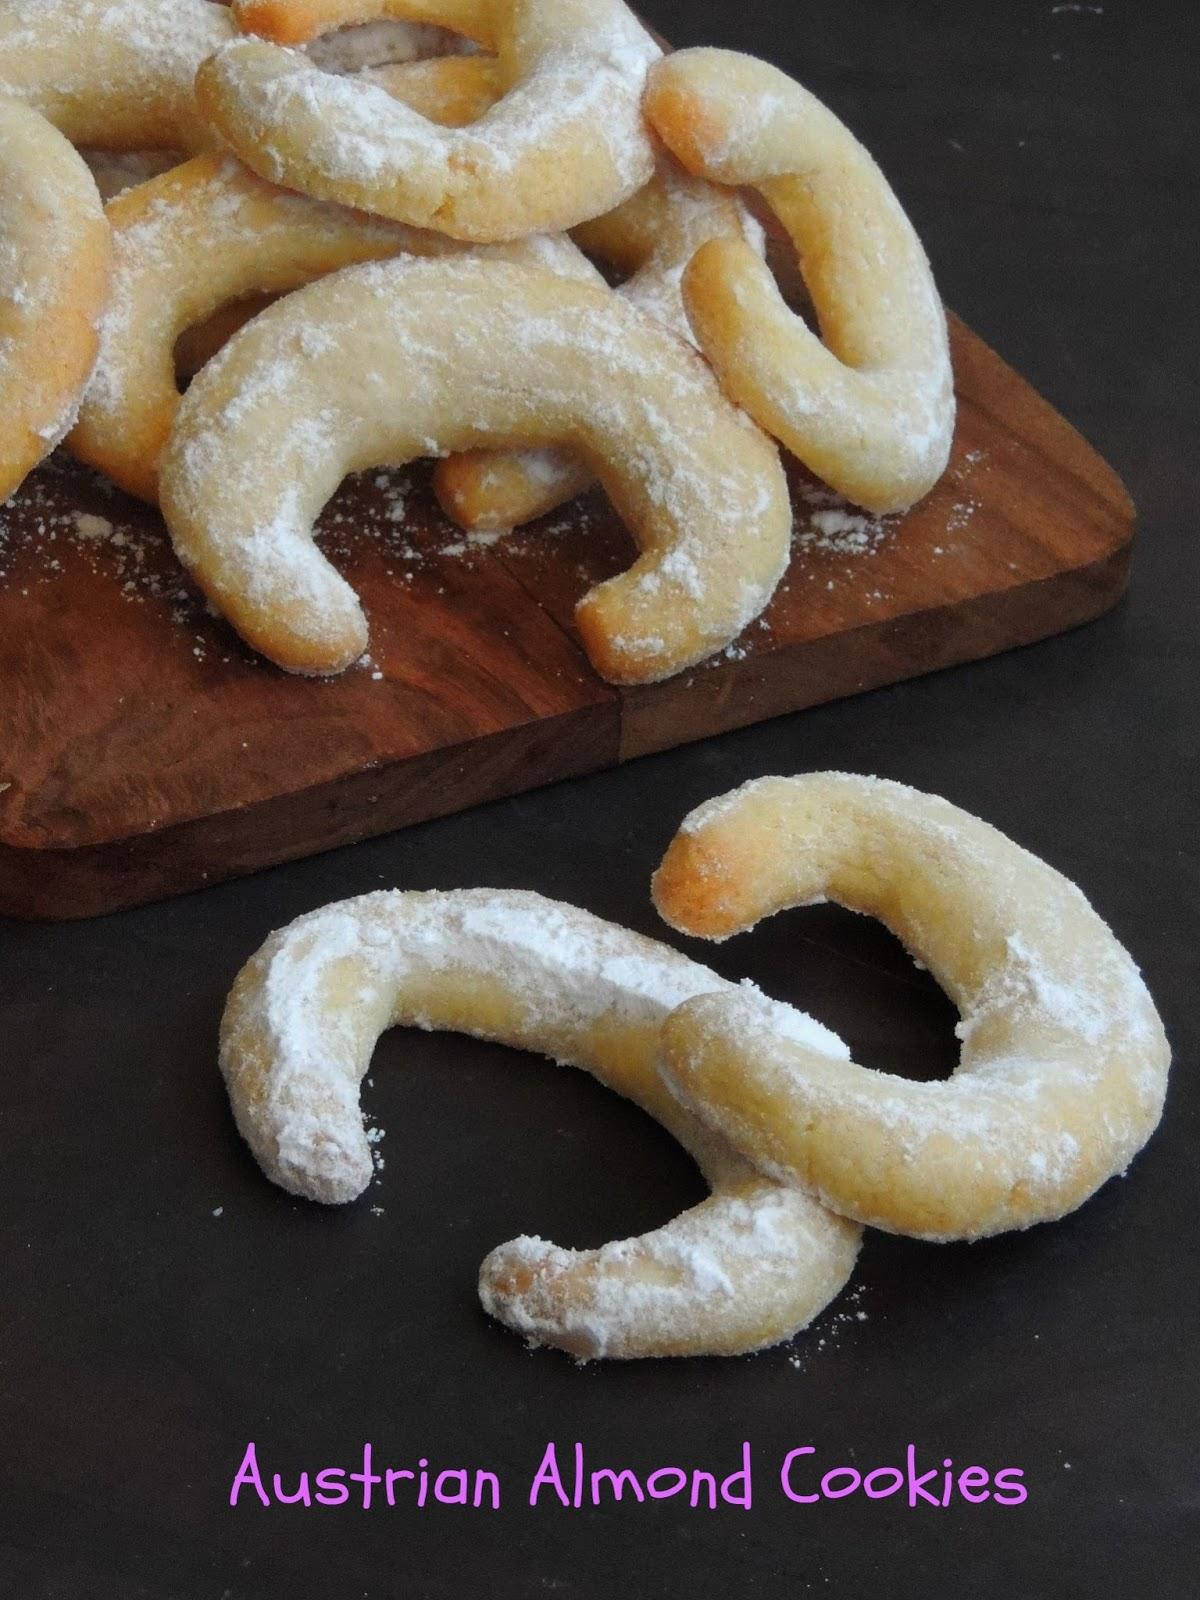 Priya S Versatile Recipes Vanillekipferl Austrian Almond Cookies